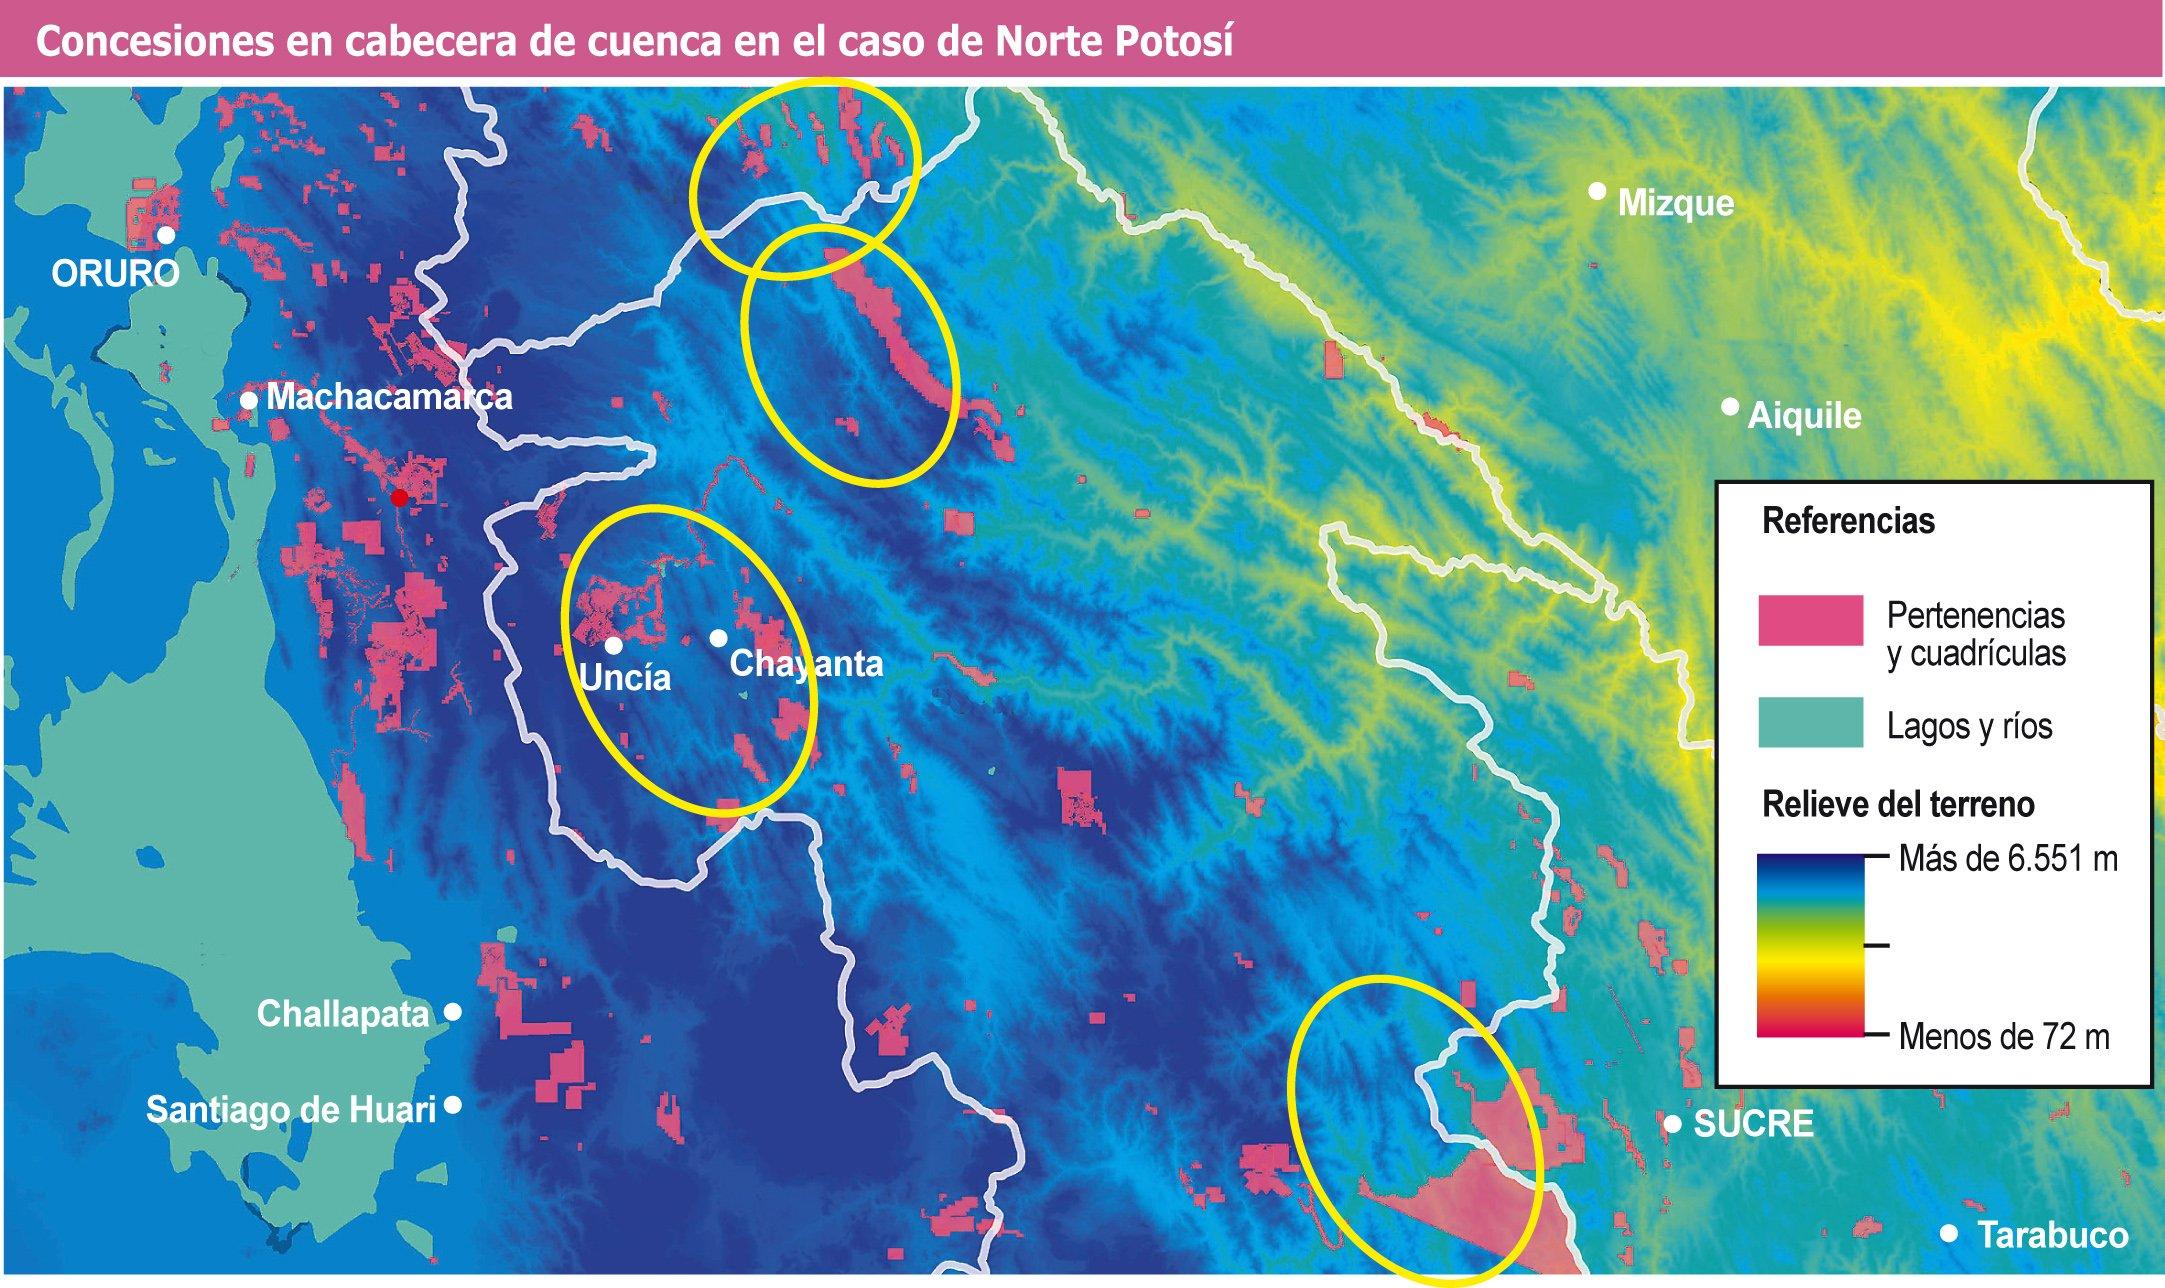 Concesiones Norte Potosi (Petropress 30, 1.13)